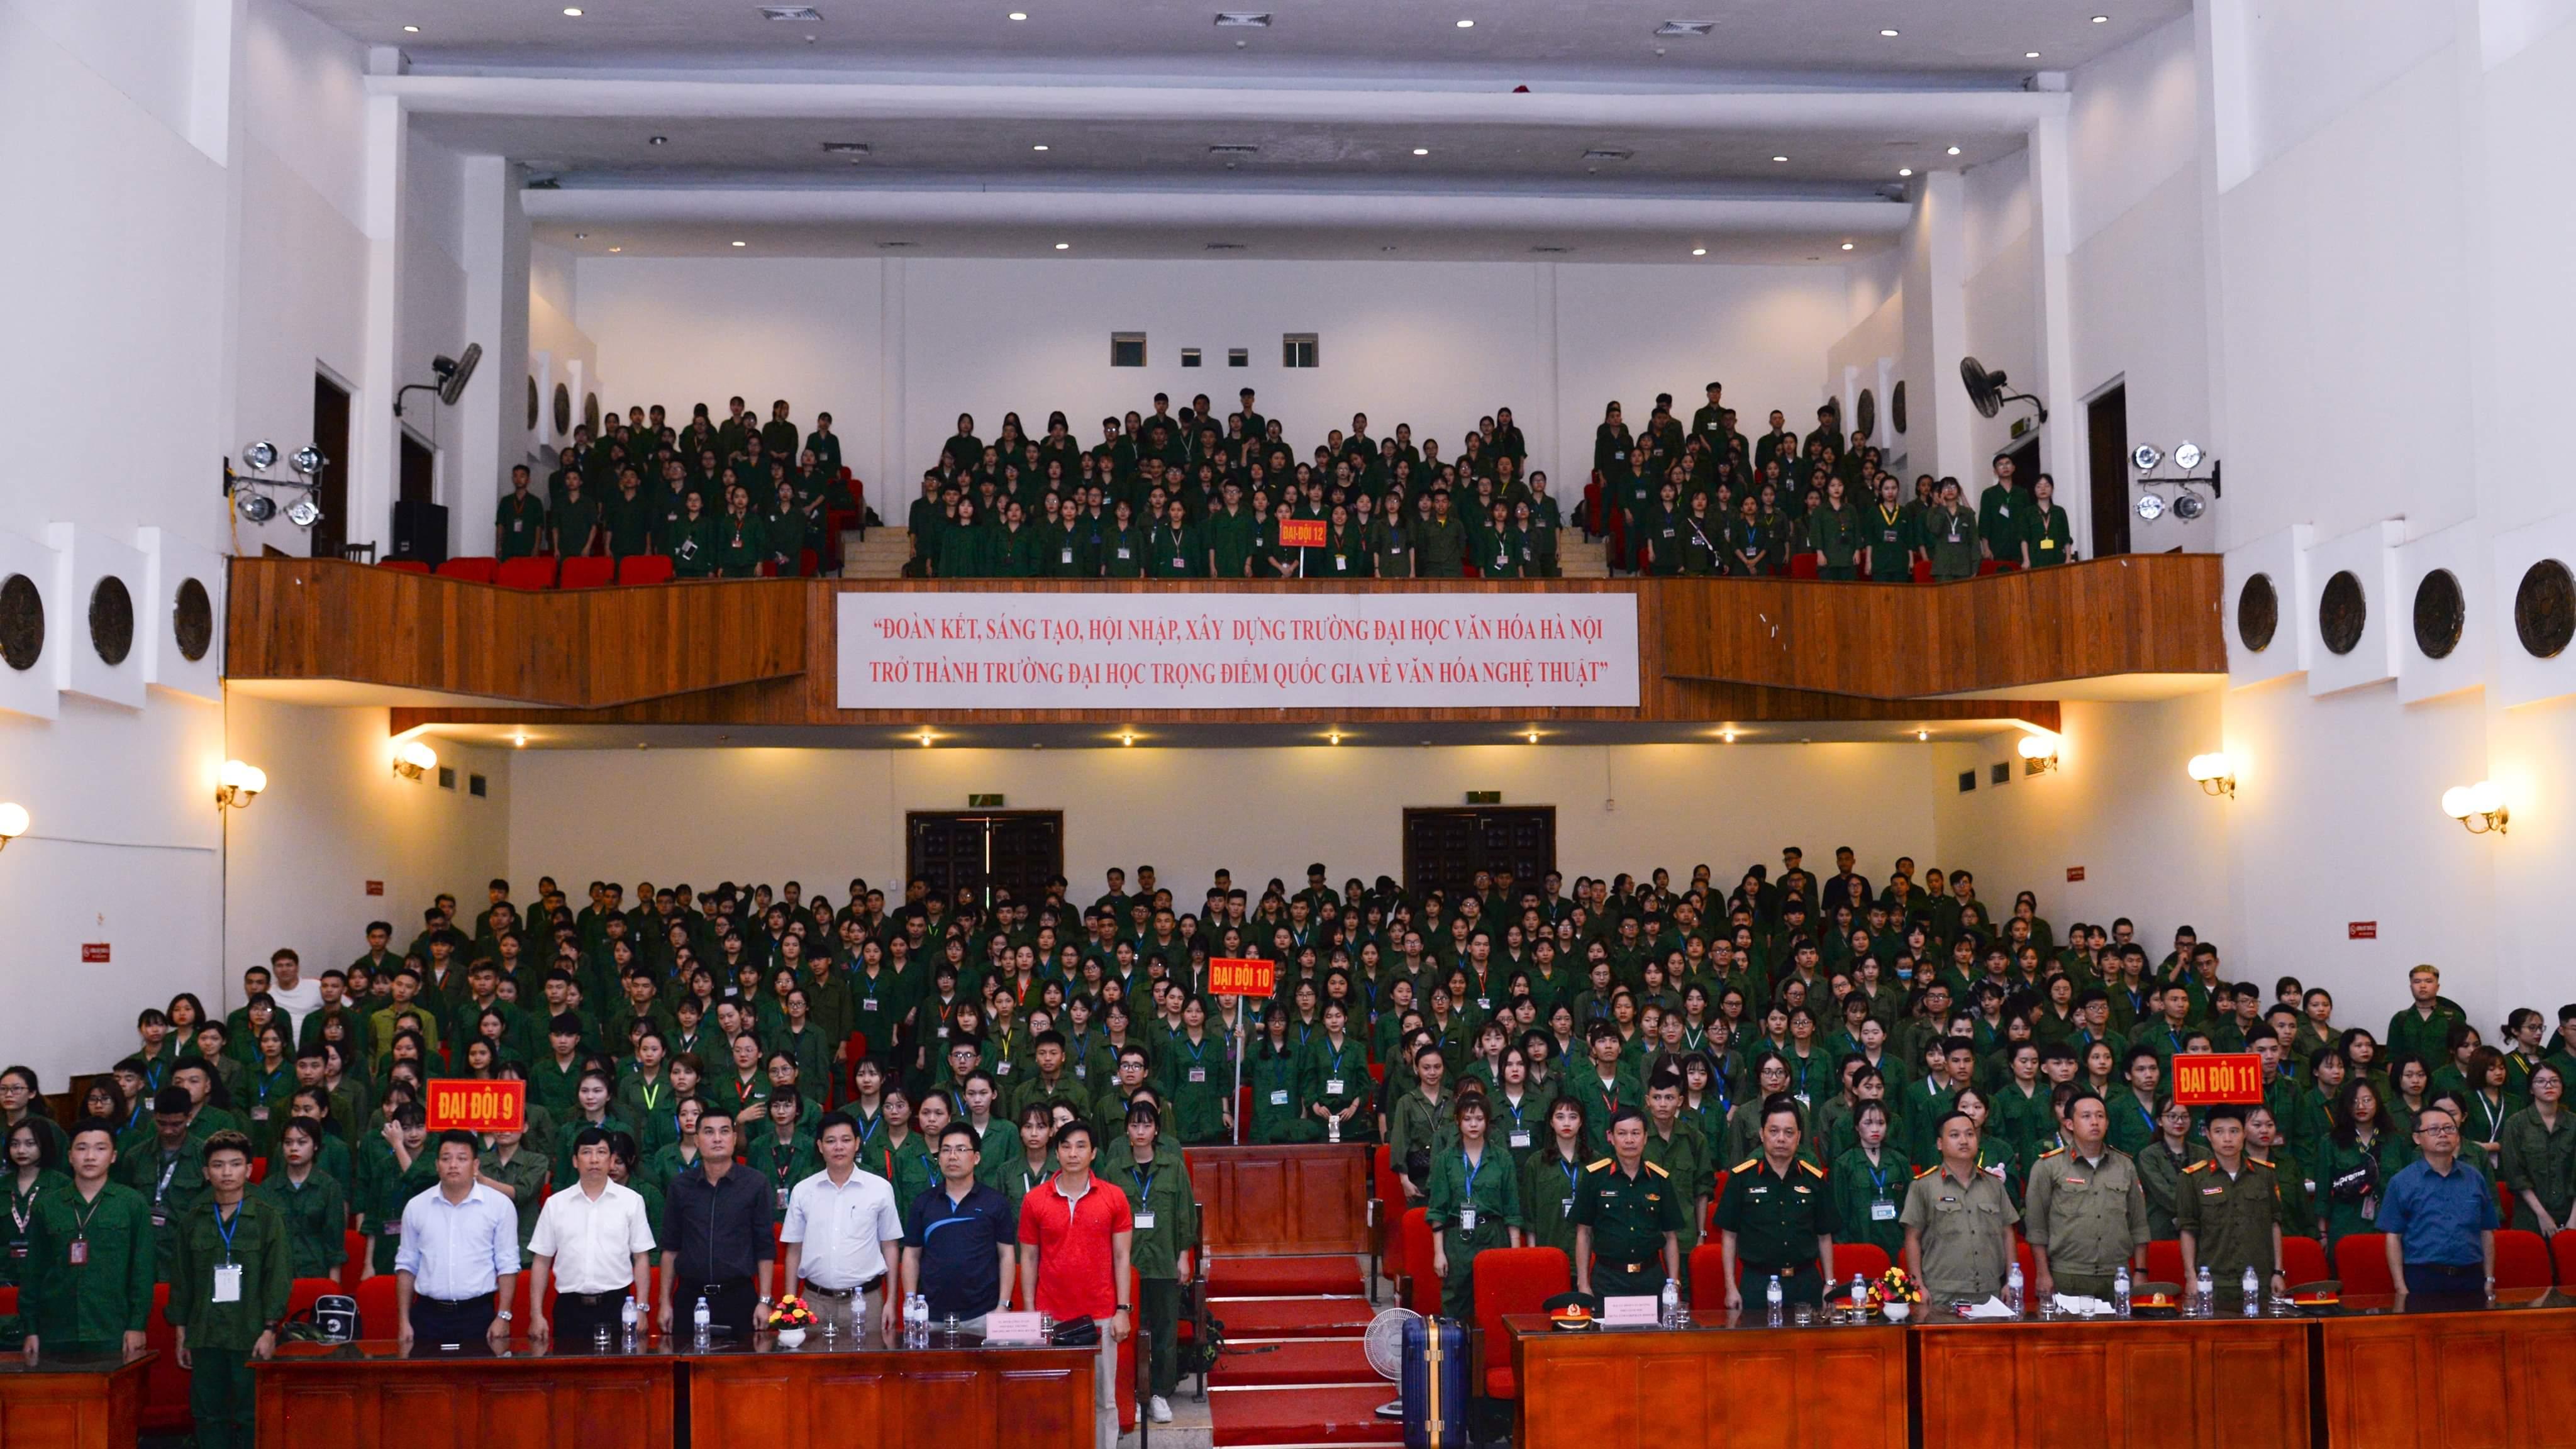 642 sinh viên tham gia khóa học giáo dục quốc phòng và an ninh đầu tiên tại Hòa Lạc